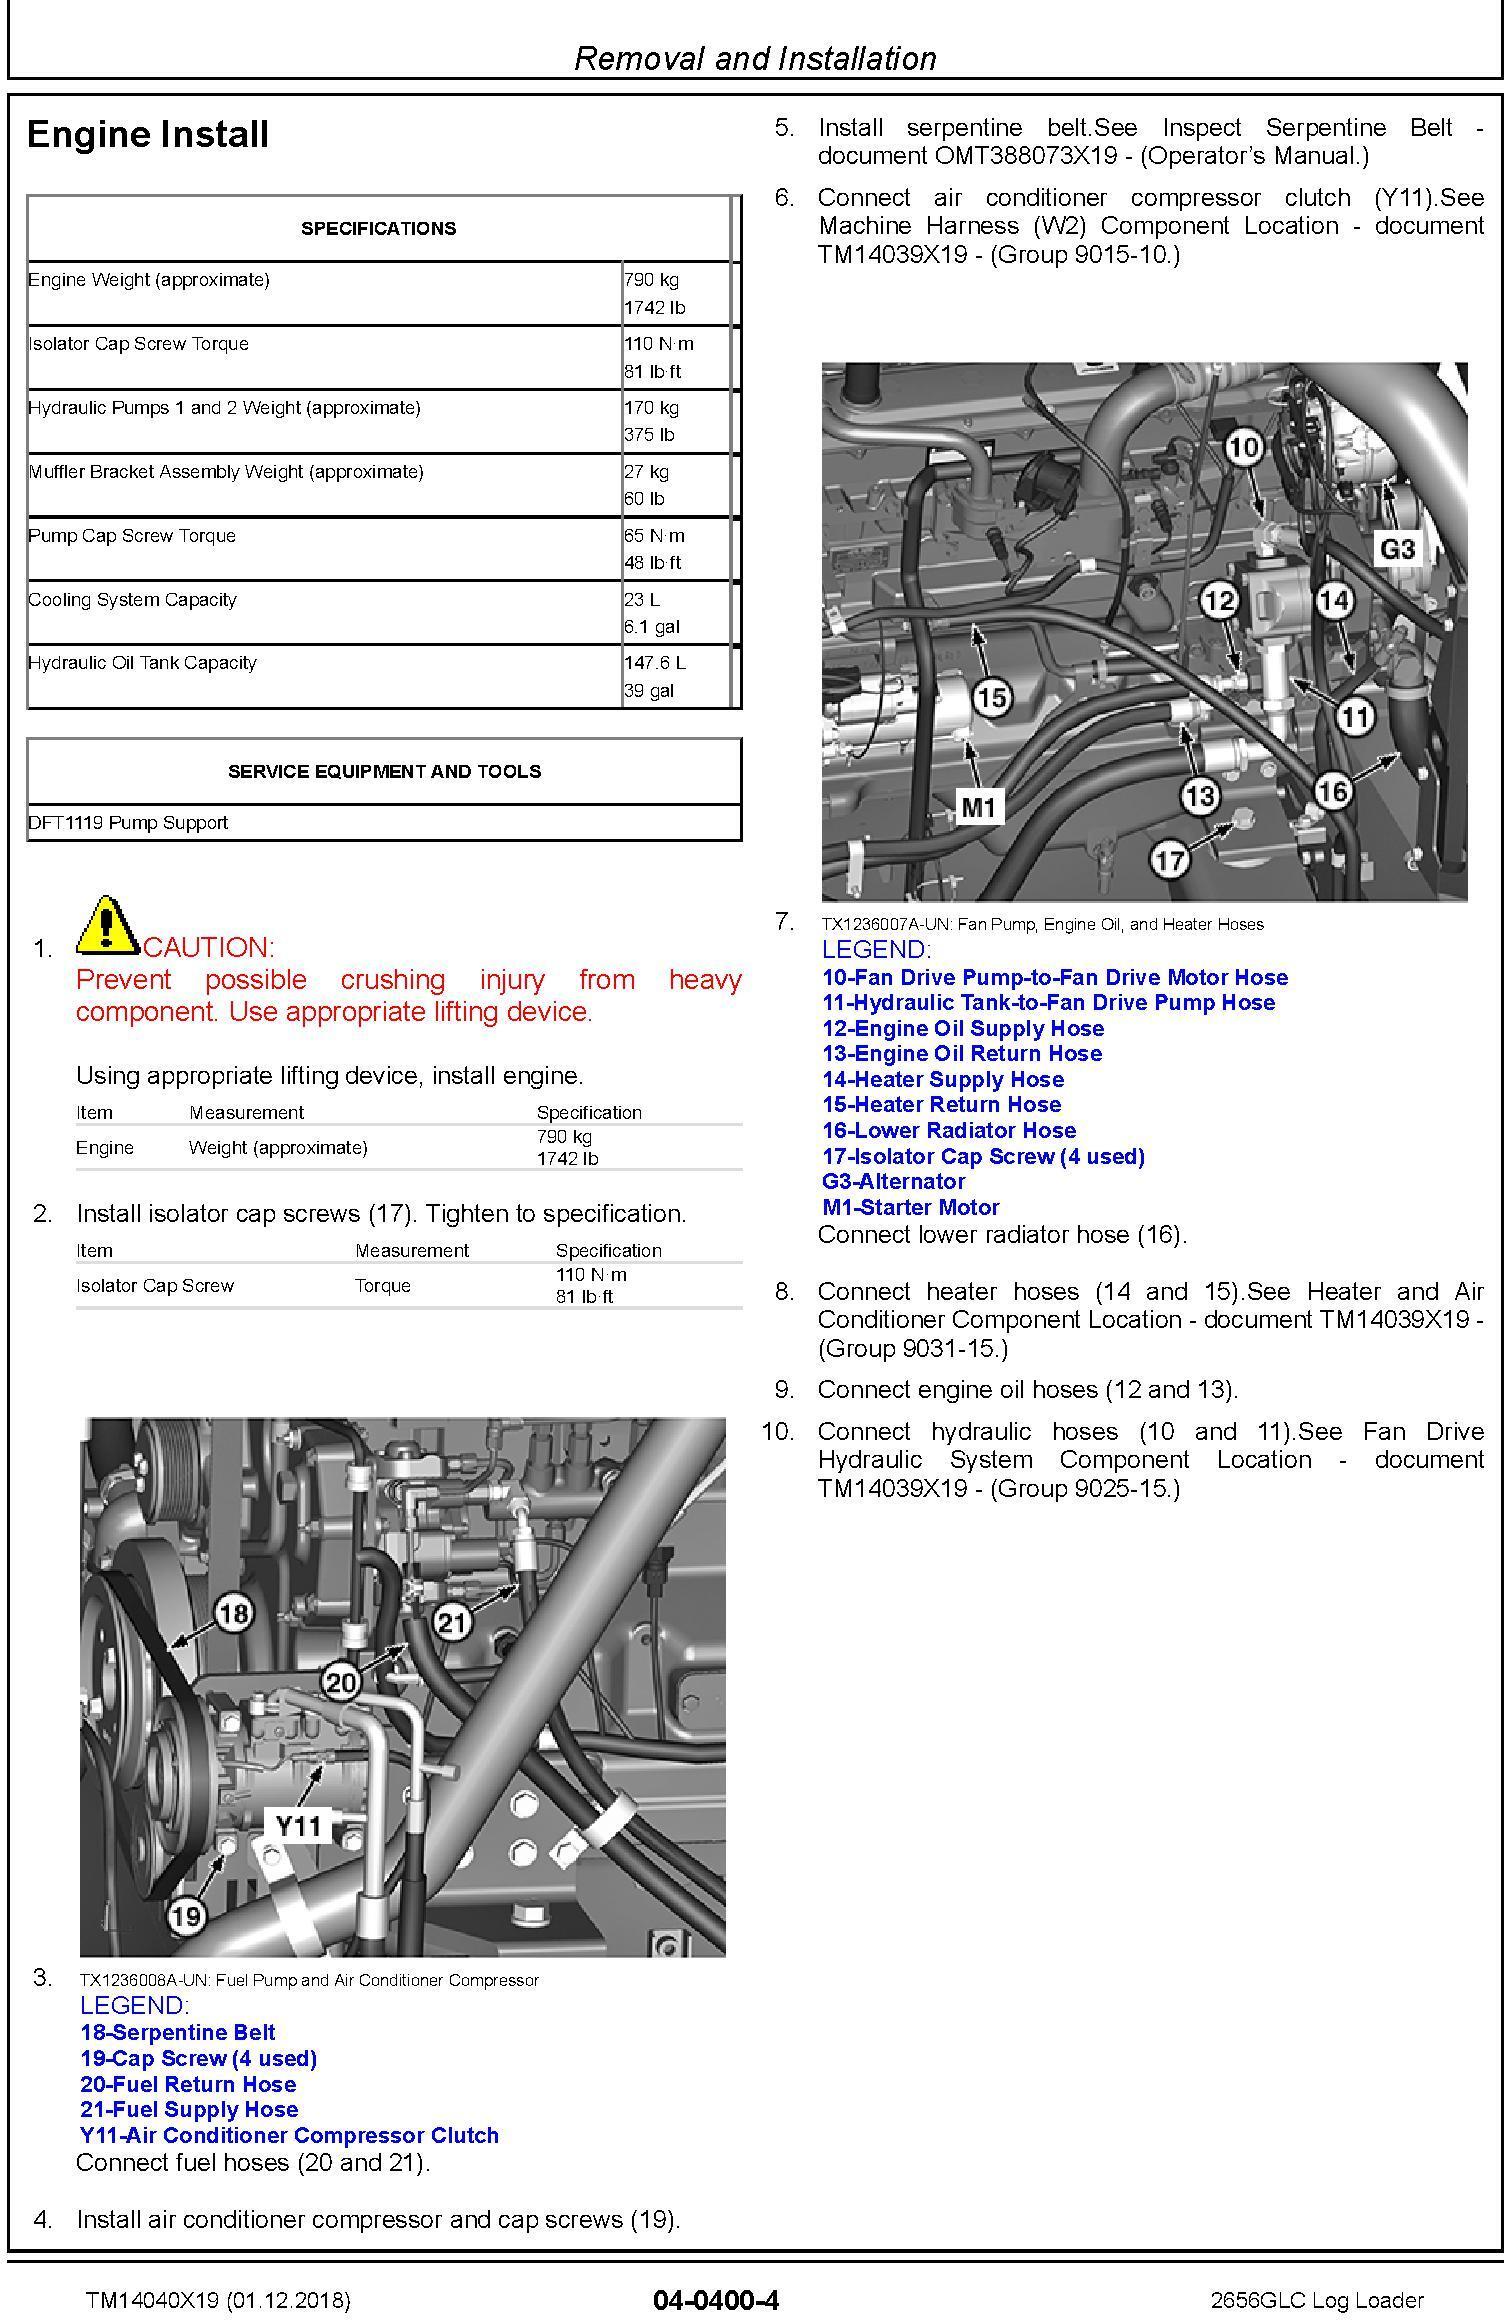 John Deere 2656GLC (SN. C266001-, D266001) Log Loader Repair Technical Service Manual (TM14040X19) - 3